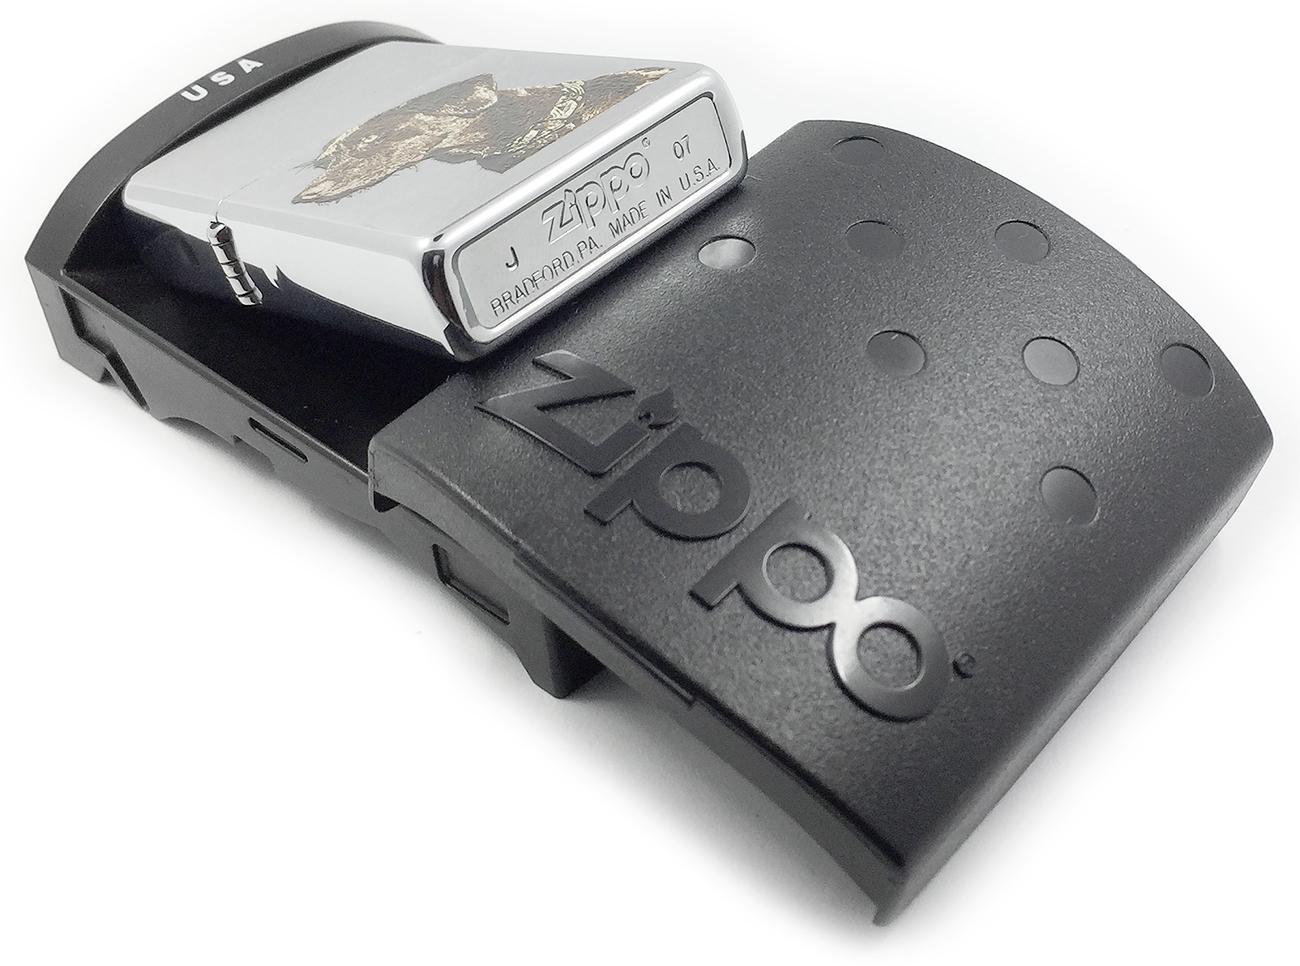 21091 Зажигалка Zippo Chocolate Lab, Brushed Chrome - заводской штамп на дне зажигалки